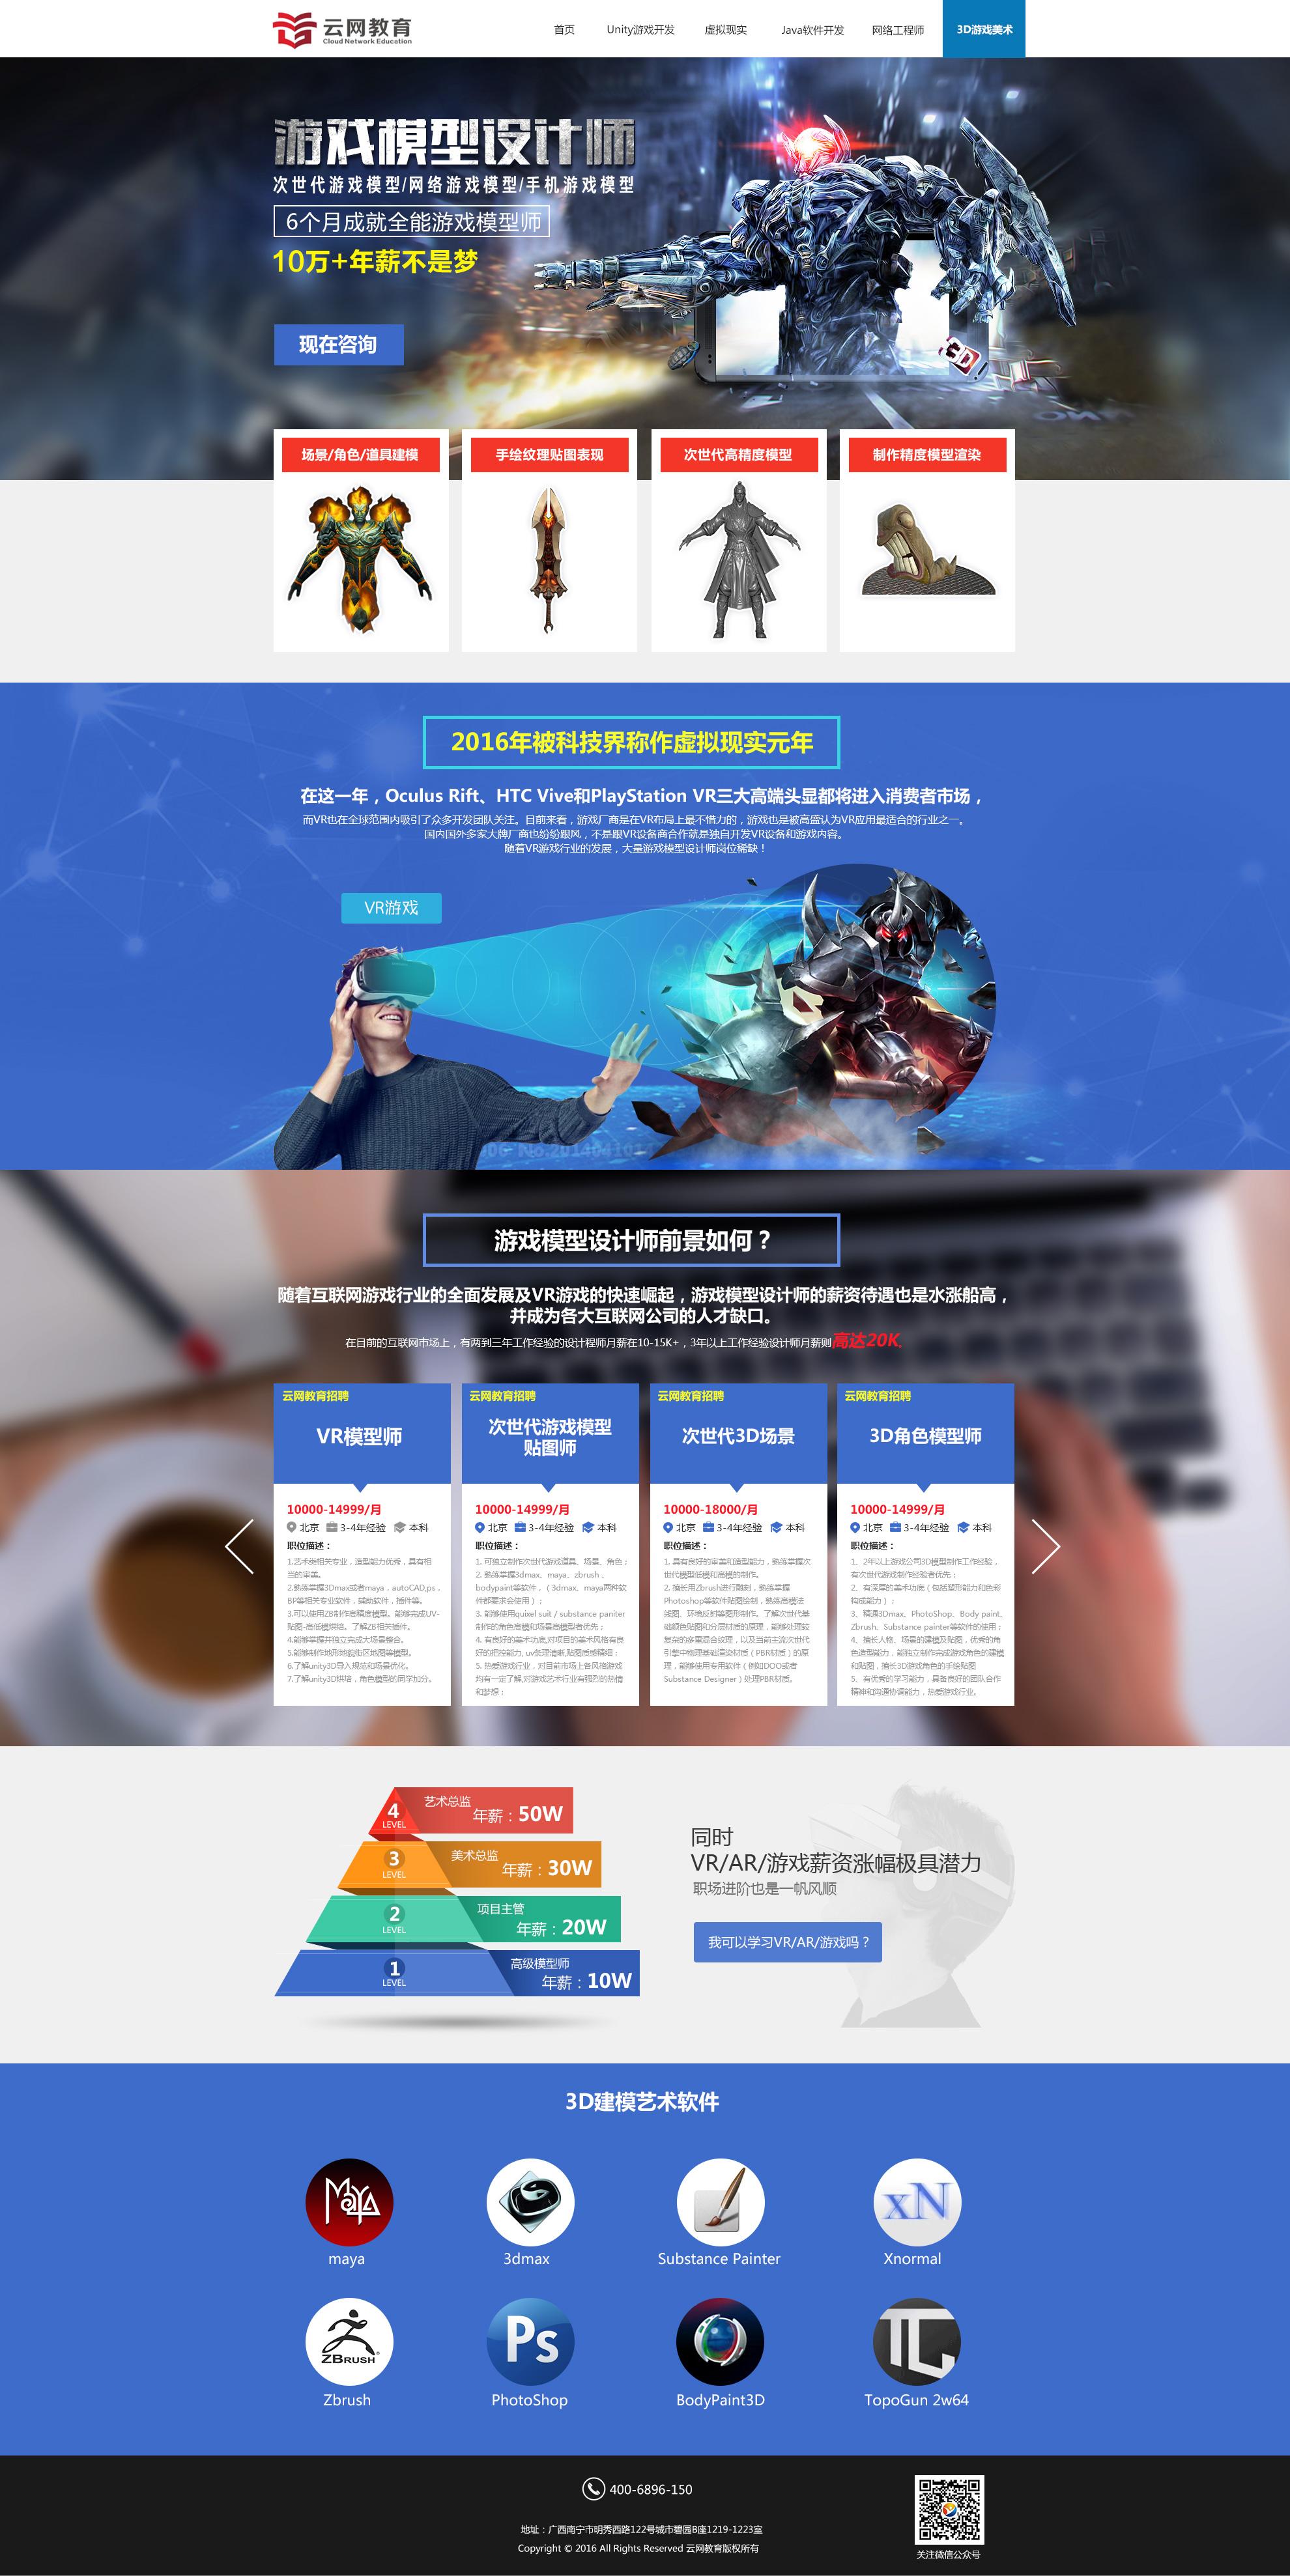 娱乐网站设计,网站UI设计,休闲网站美工,整站网页改版设计